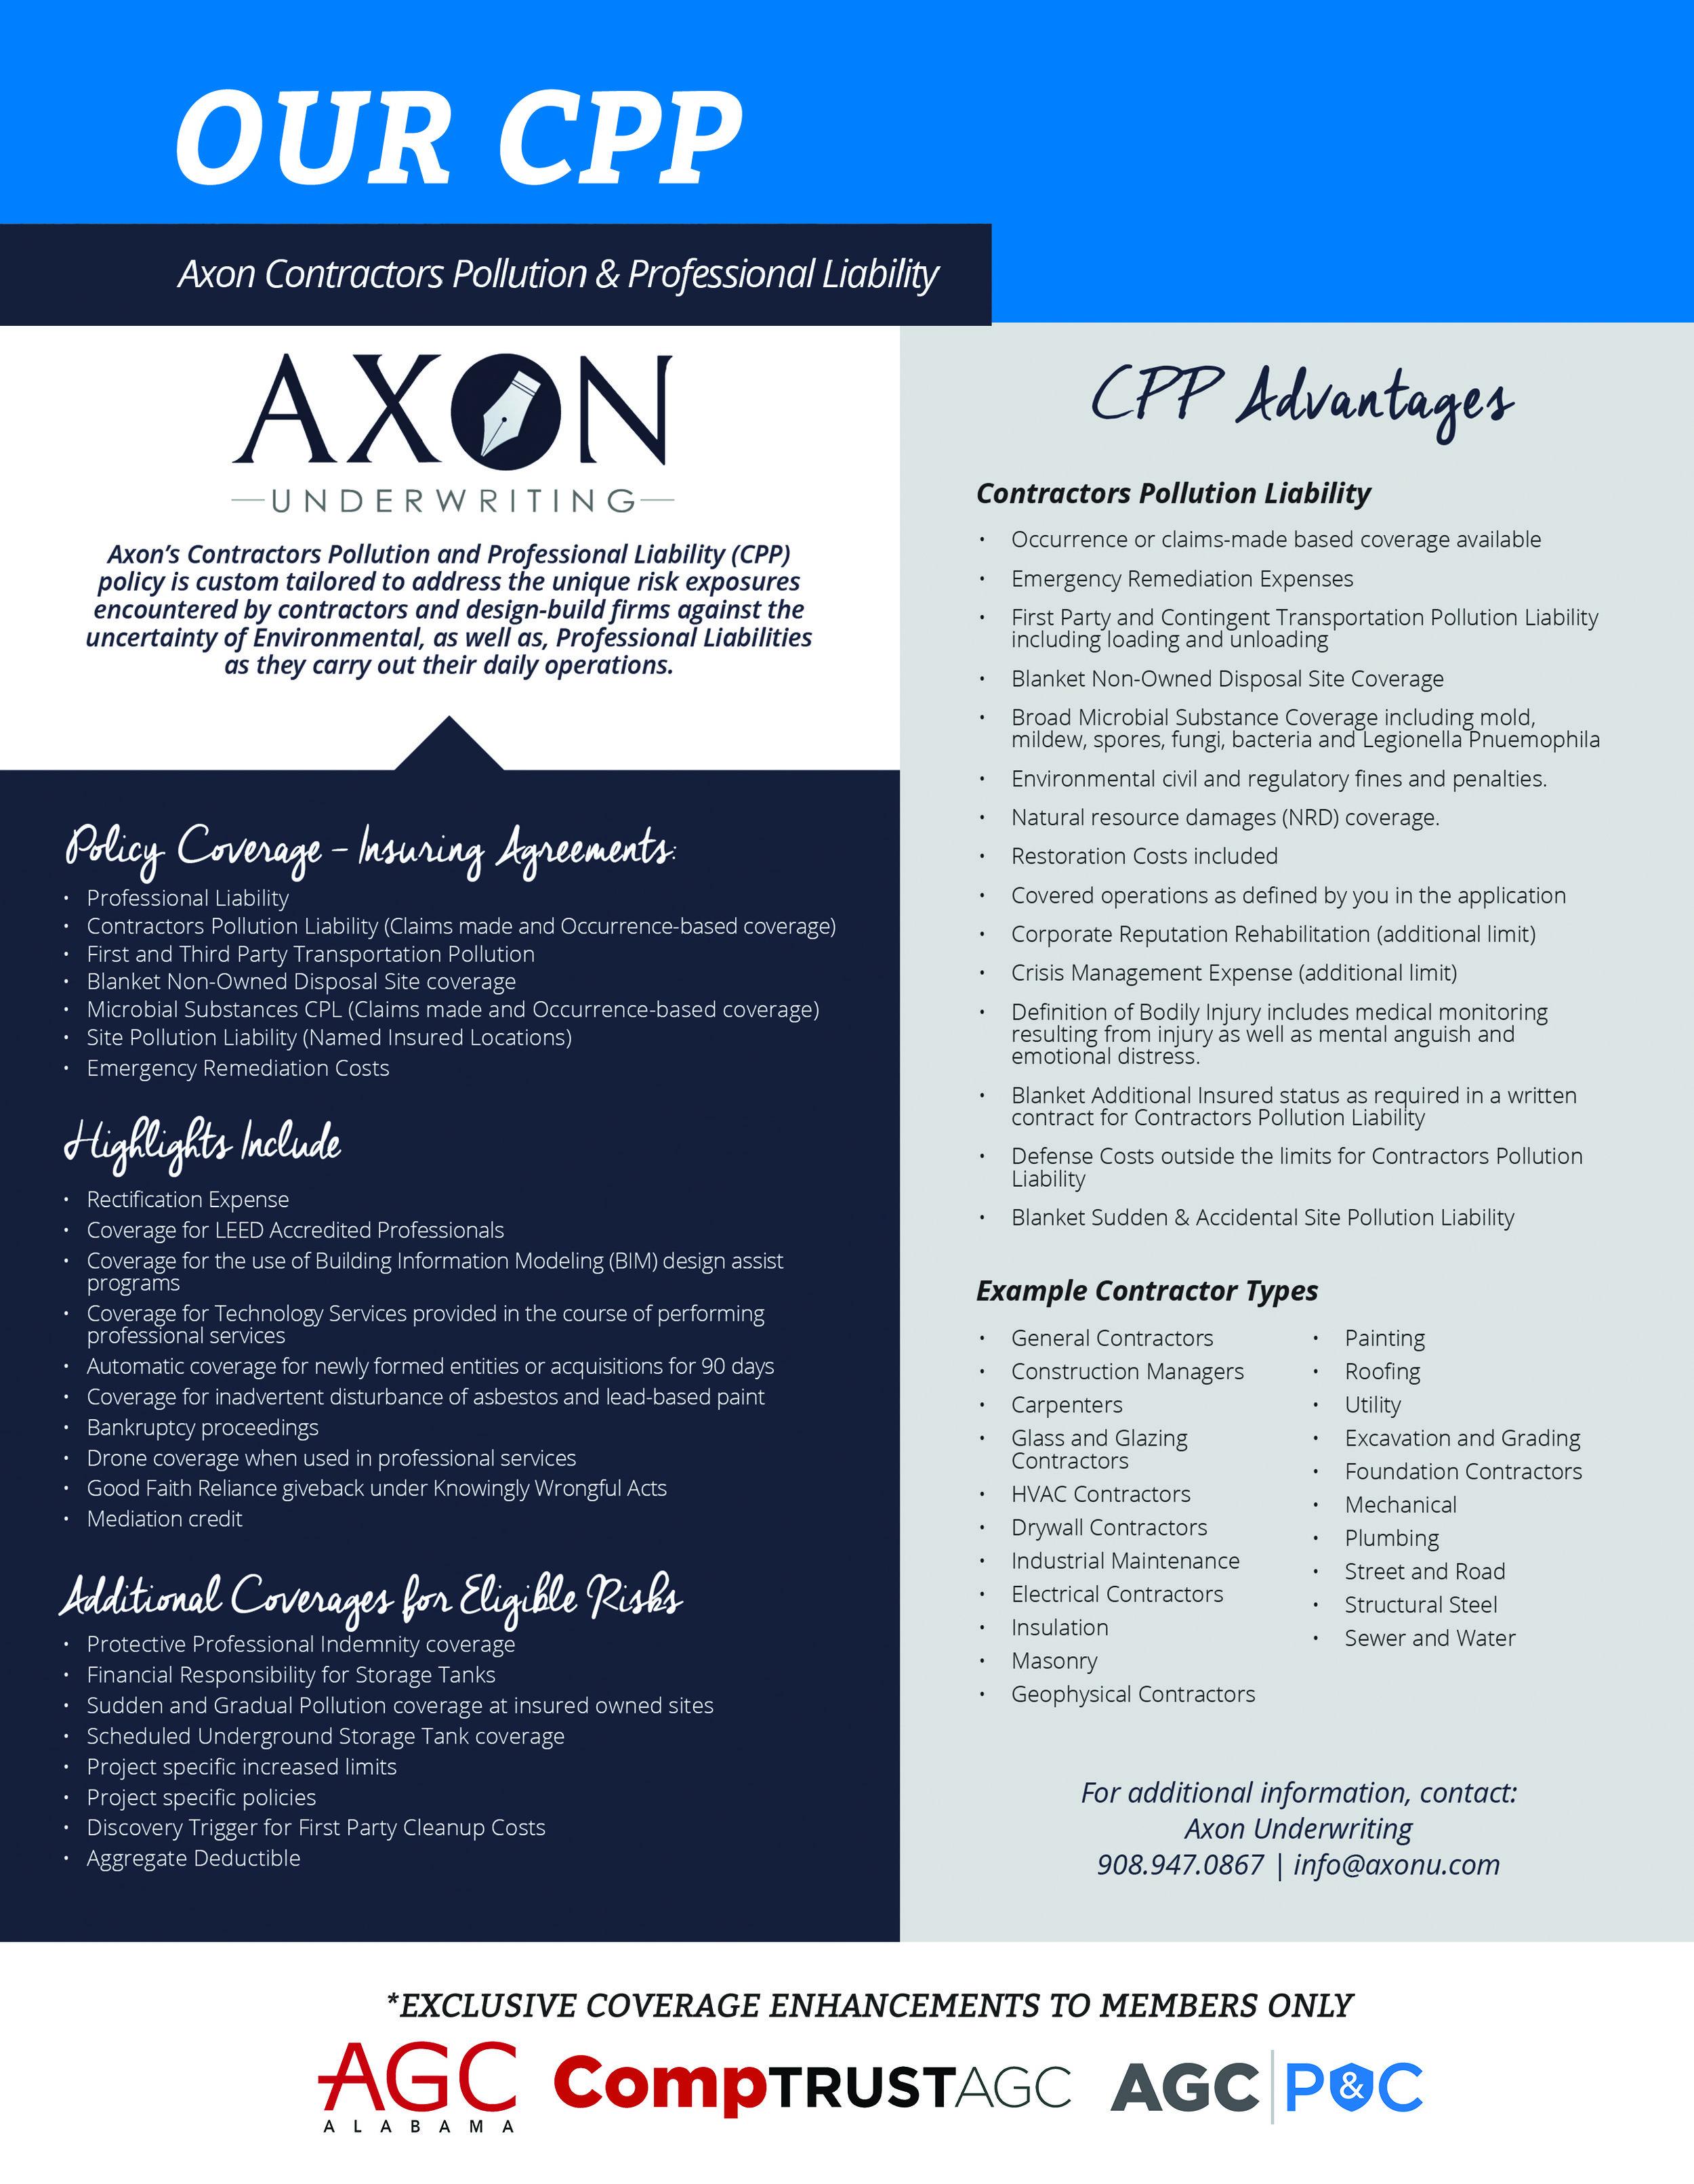 3. AXON CPP flyer.jpg